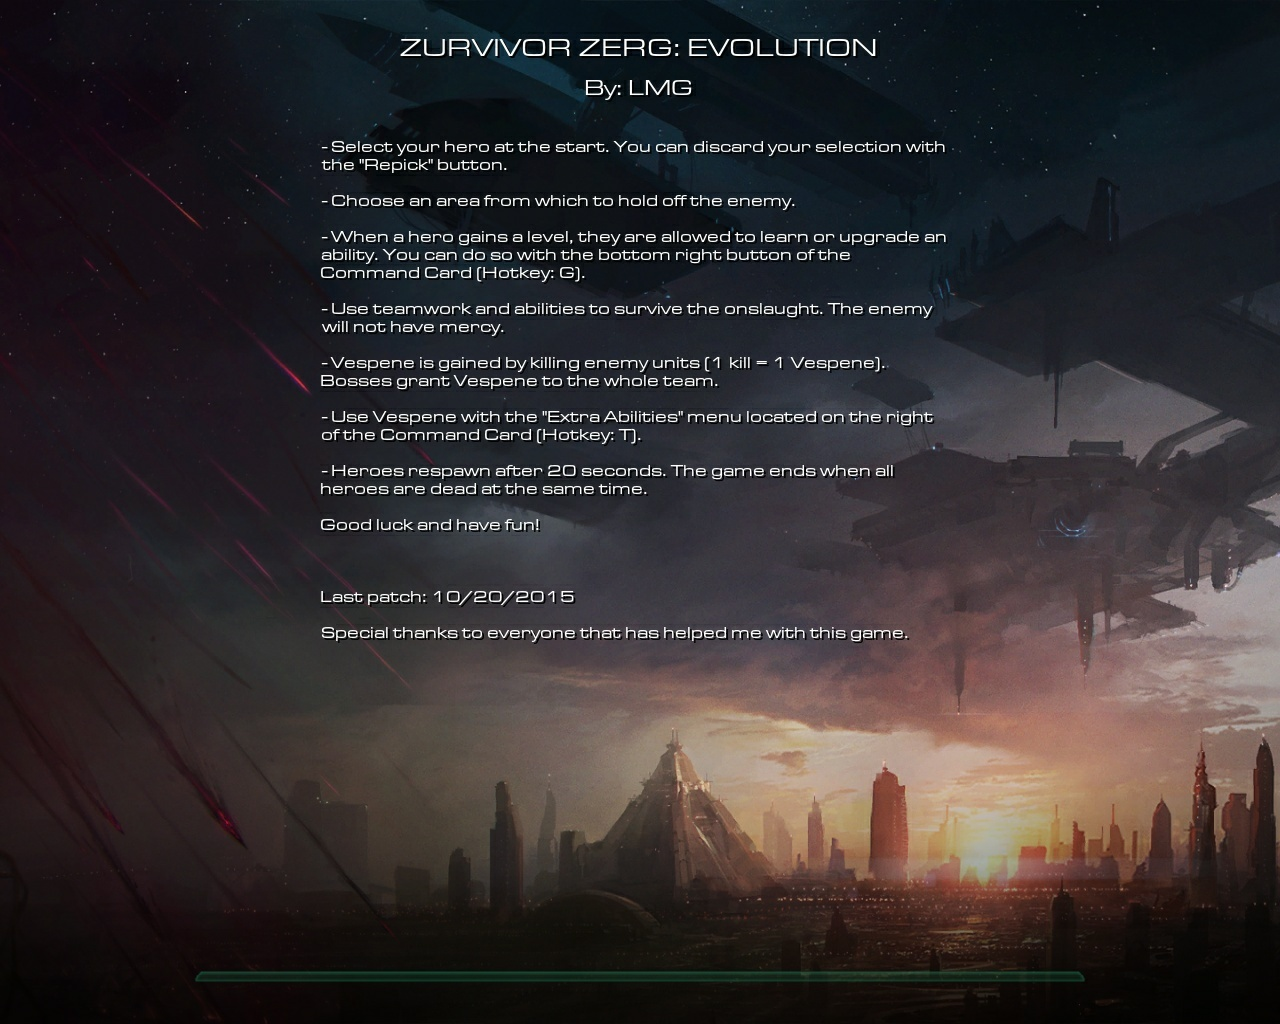 Zurvivor Zerg Evolution